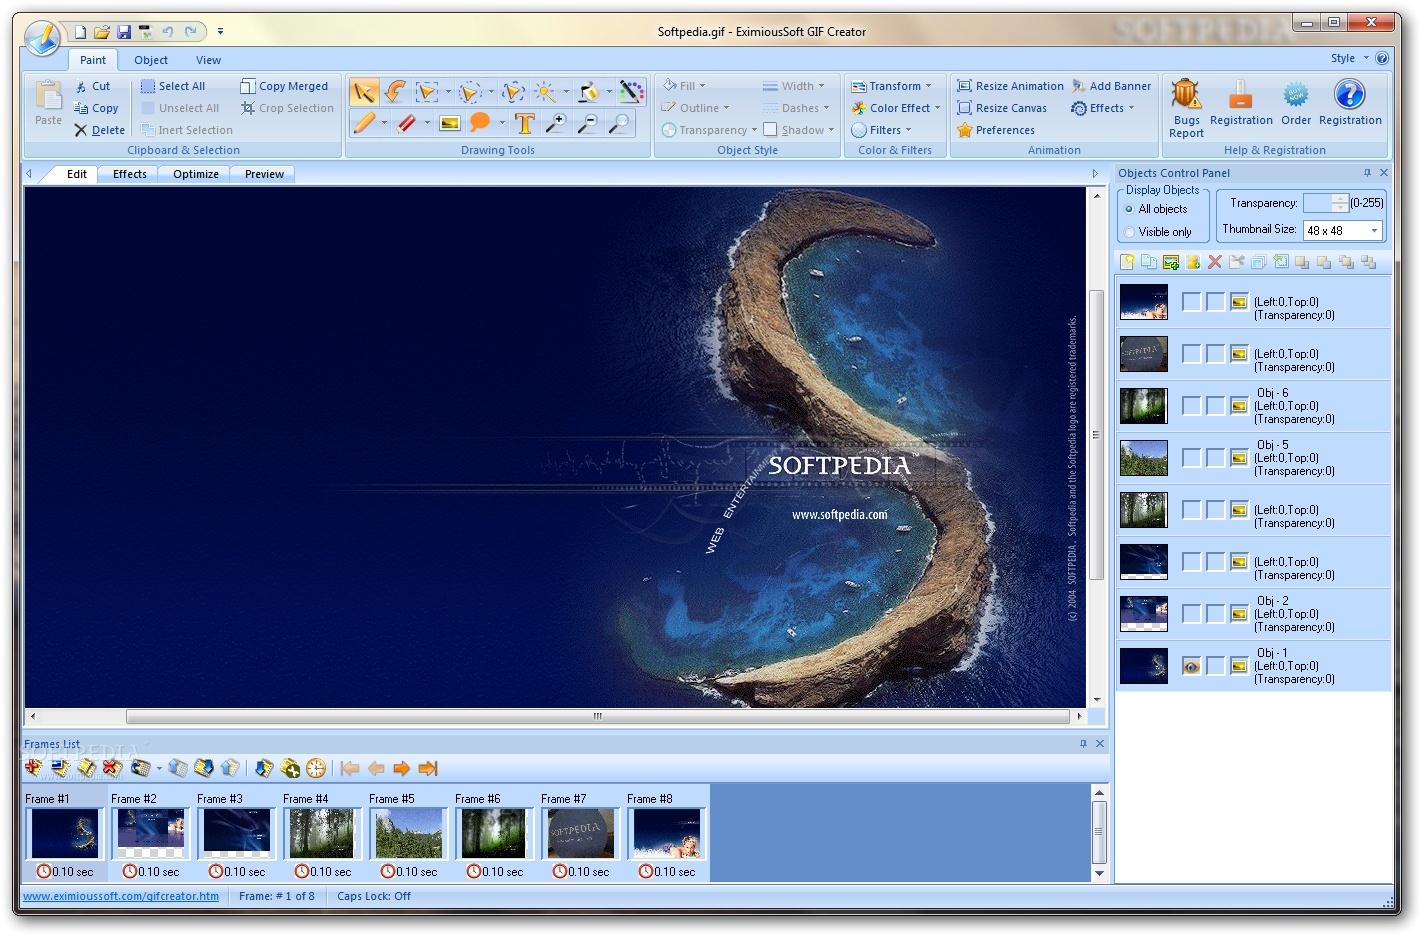 EximiousSoft GIF Creator 1 دانلود EximiousSoft GIF Creator 7 21 نرم افزار طراحی تصاویر متحرک GIF